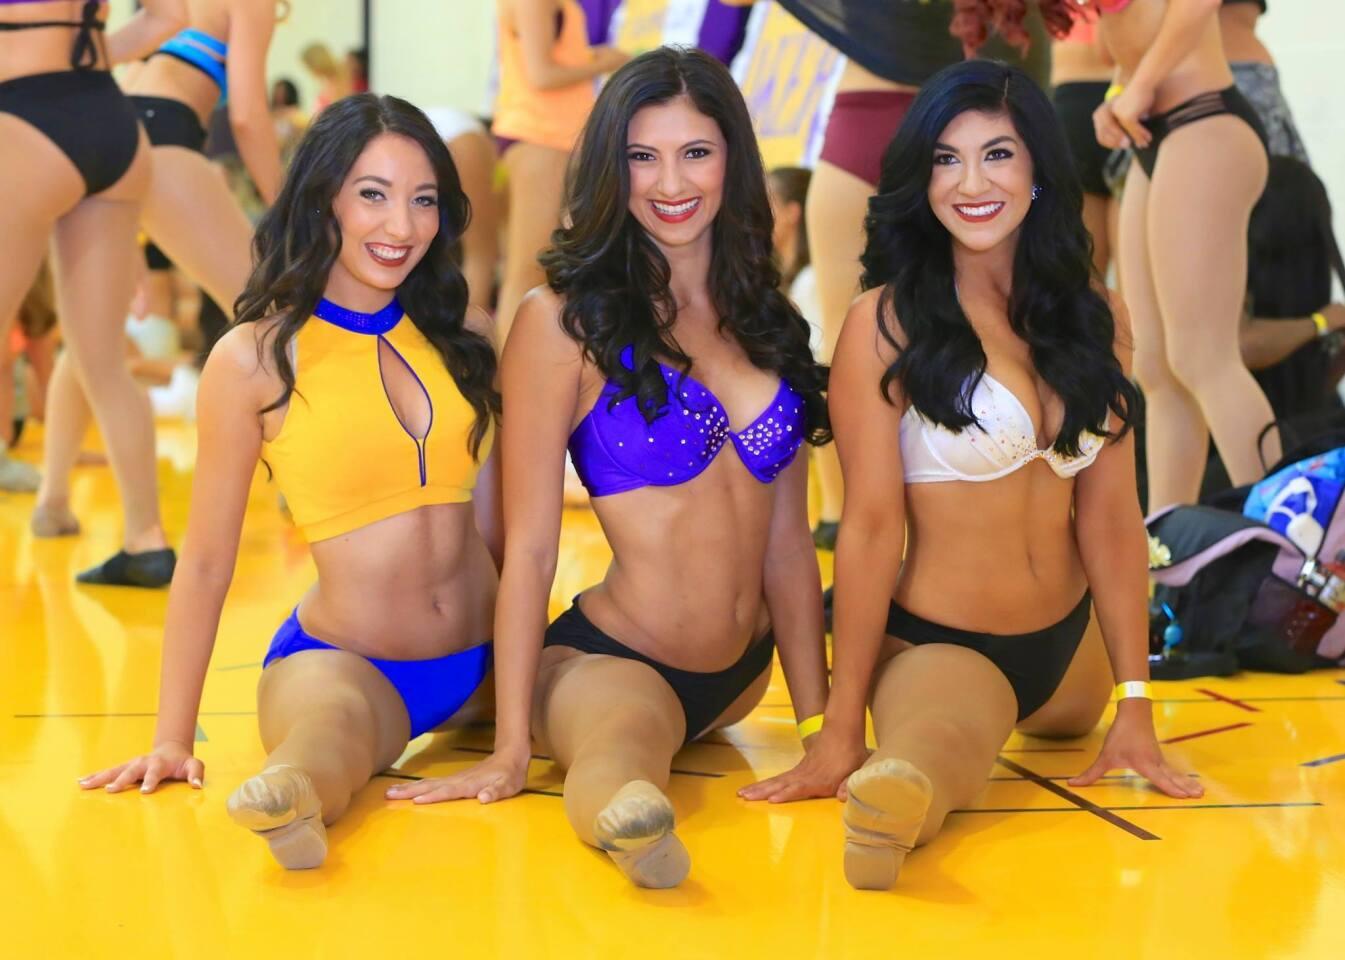 El pasado fin de semana se realizaron las audiciones para el equipo de animación de los Lakers, las LakerGirls. Decenas de muchachas hicieron la audición para formar parte del equipo 2015-16 y el lente de HOY Deportes estuvo ahí. Aquí está la segunda entrega: